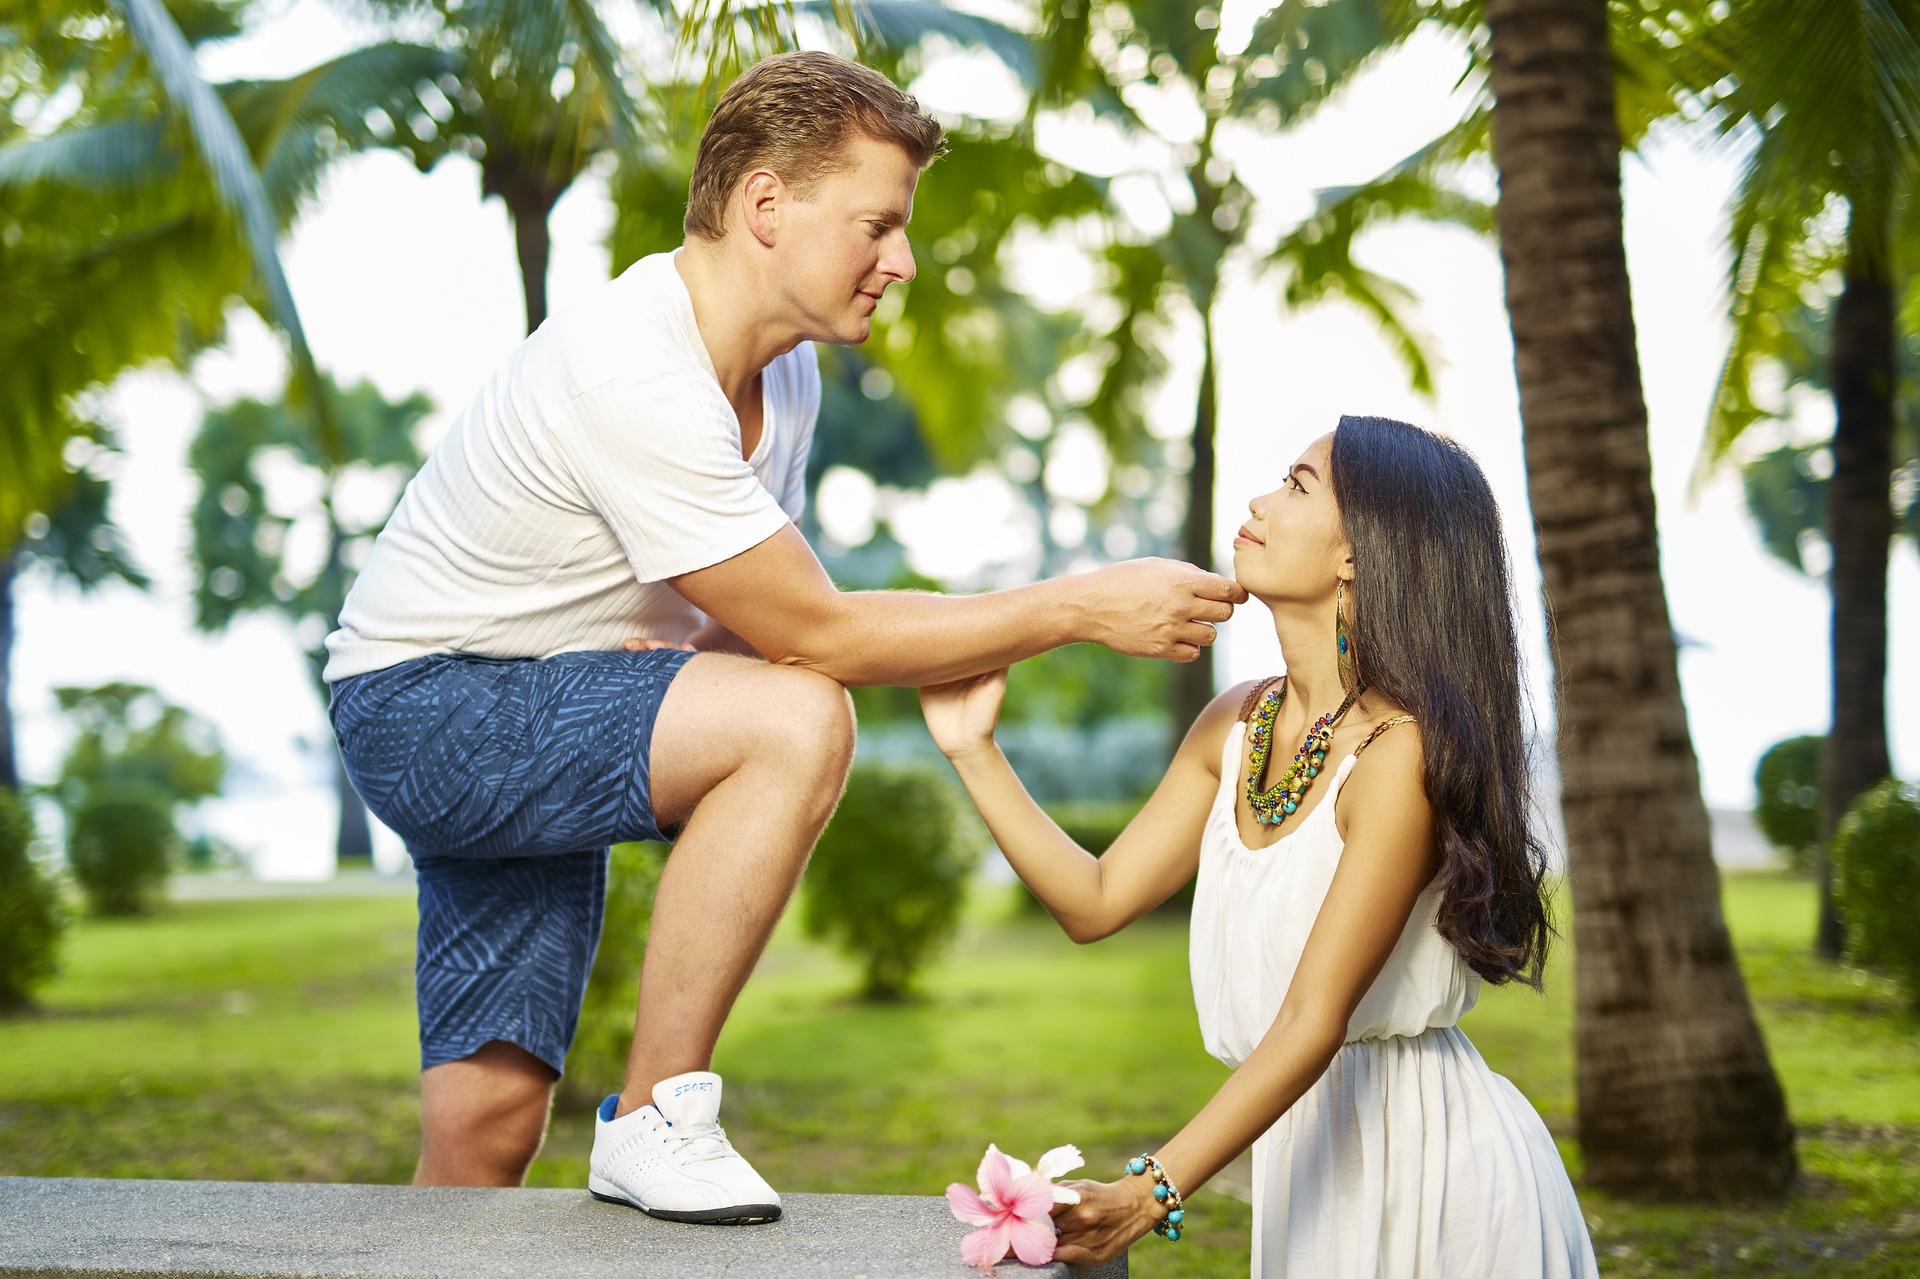 「恋人としてはアリだけど結婚相手としてはナシ」なんて言わせない!!男性が求める「理想の結婚相手」まとめ